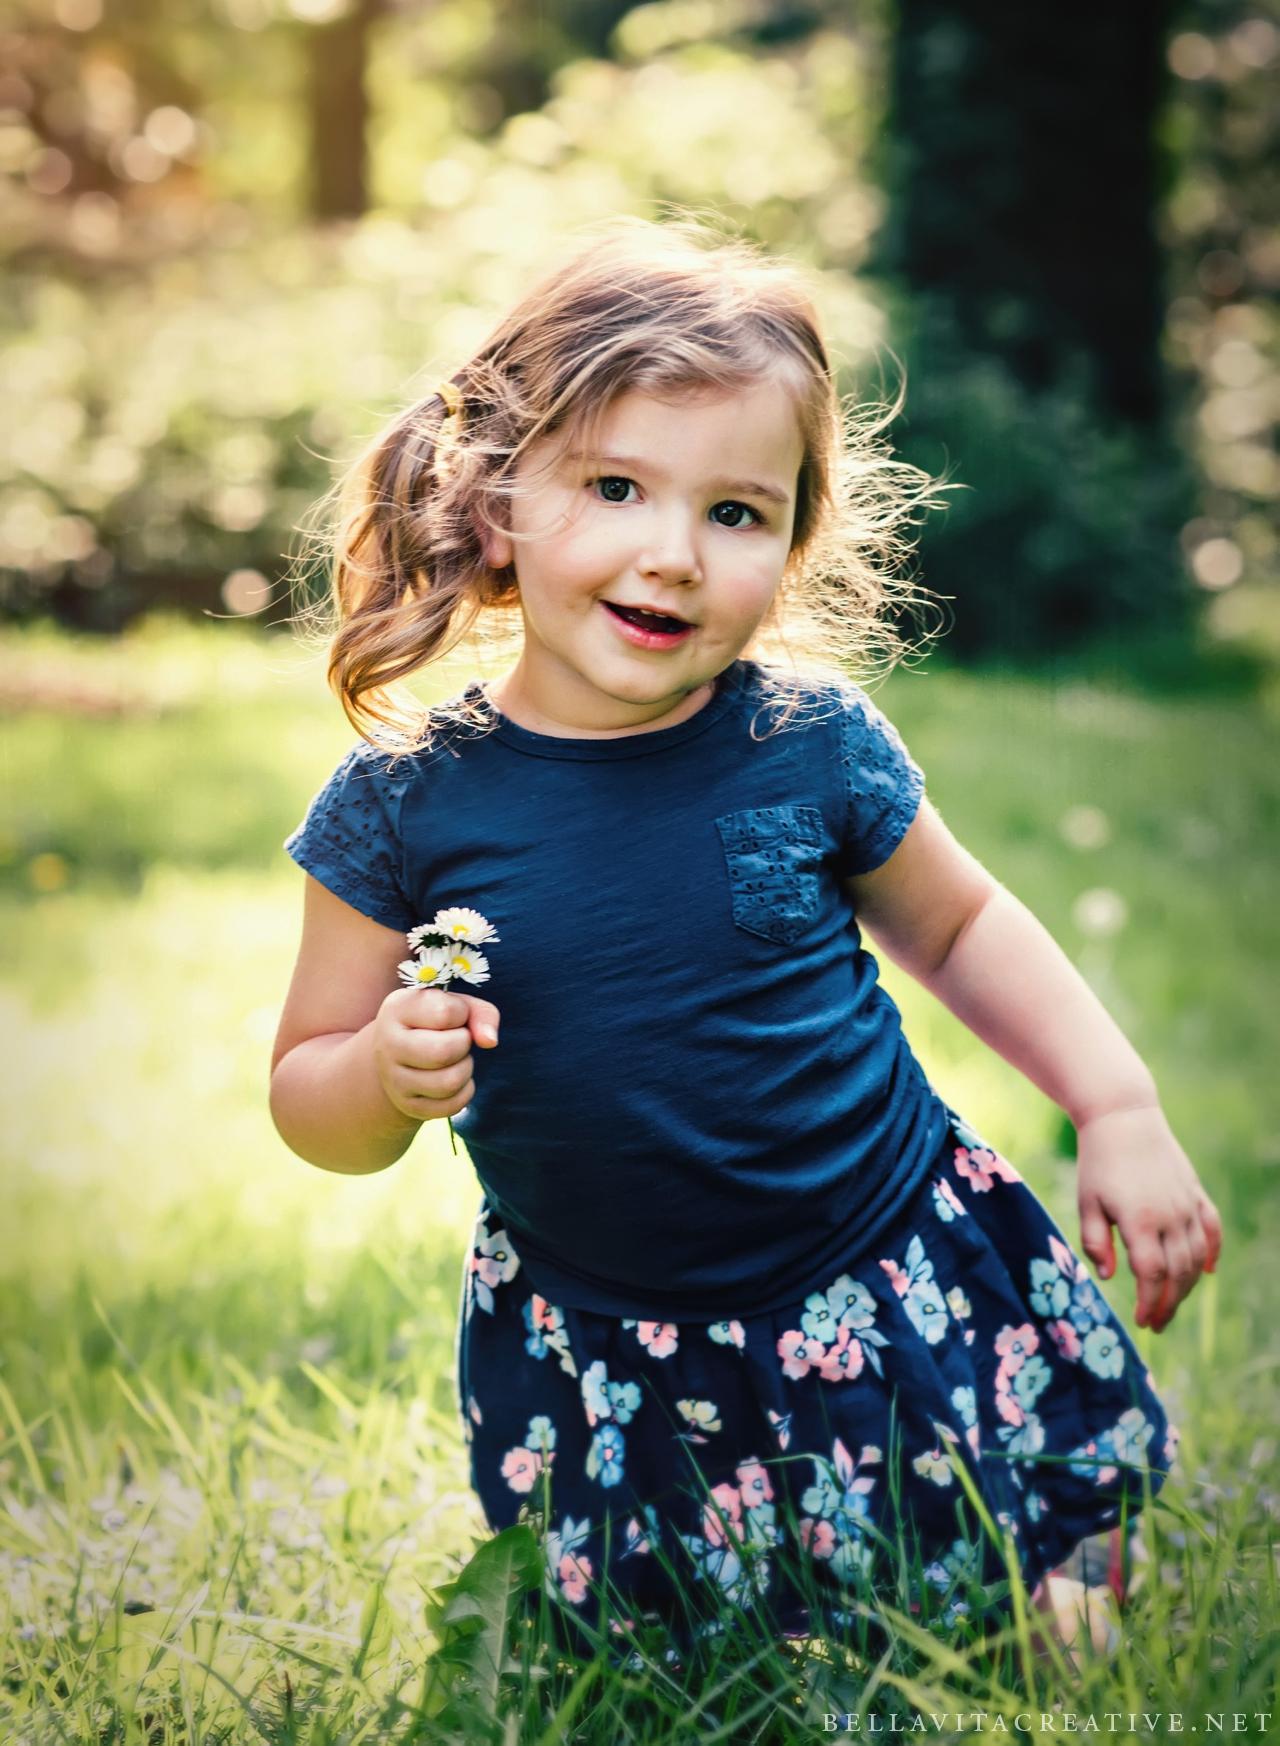 Skagit-County-Children's-Portraits-Bella-Vita-Creative_0003.jpg